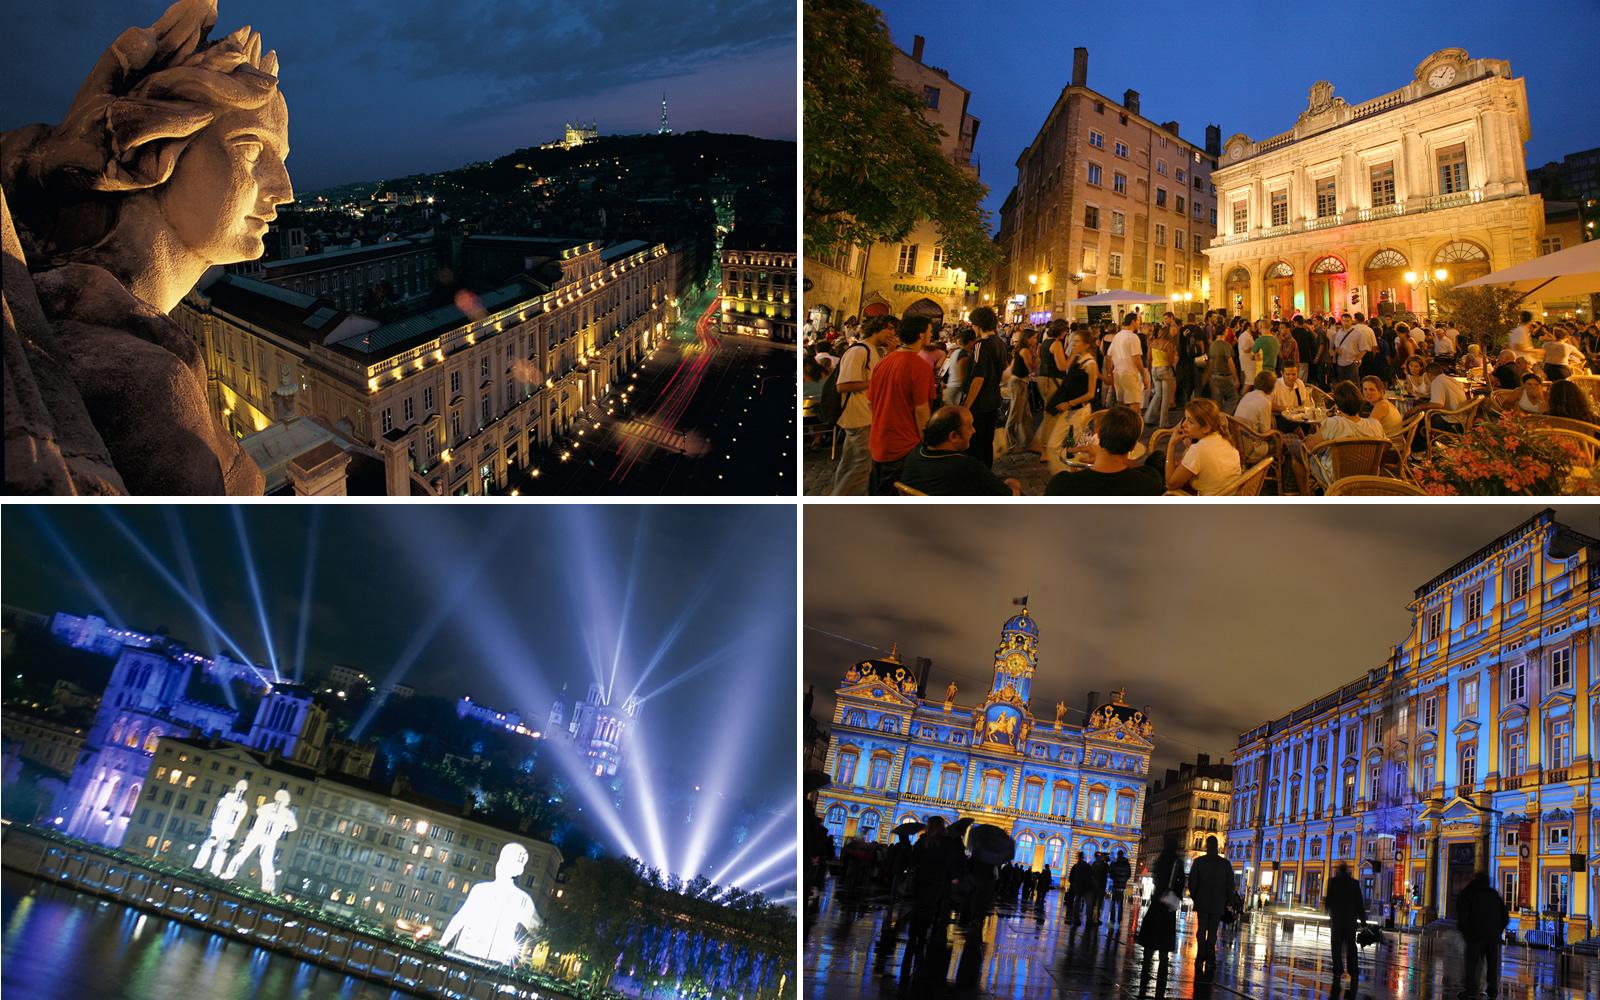 Photos: Musée des Confluences/Lyon Tourism and Conventions